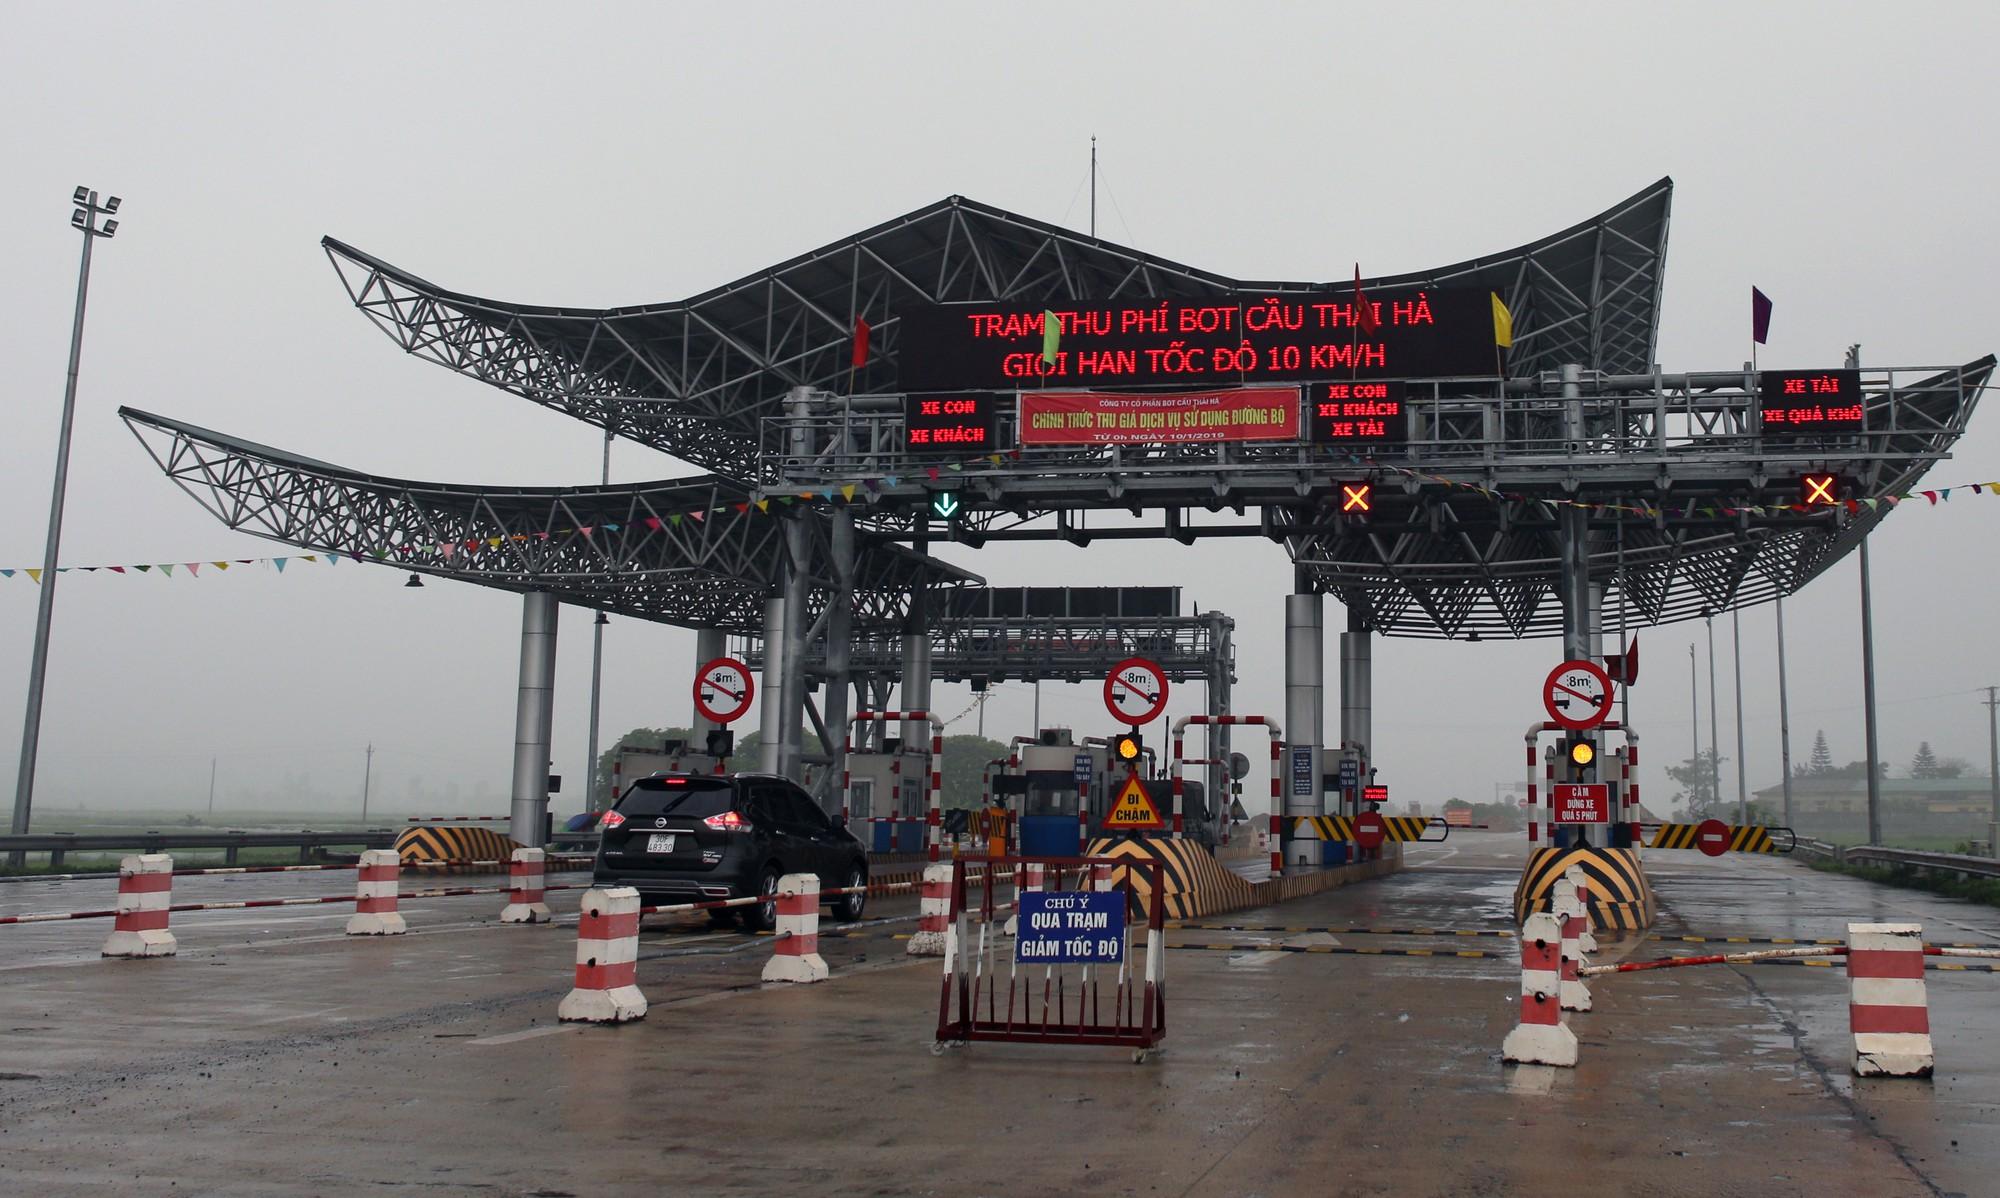 Loạt BOT giao thông hụt thu: Thủ tướng yêu cầu Bộ GTVT xử lí - Ảnh 1.